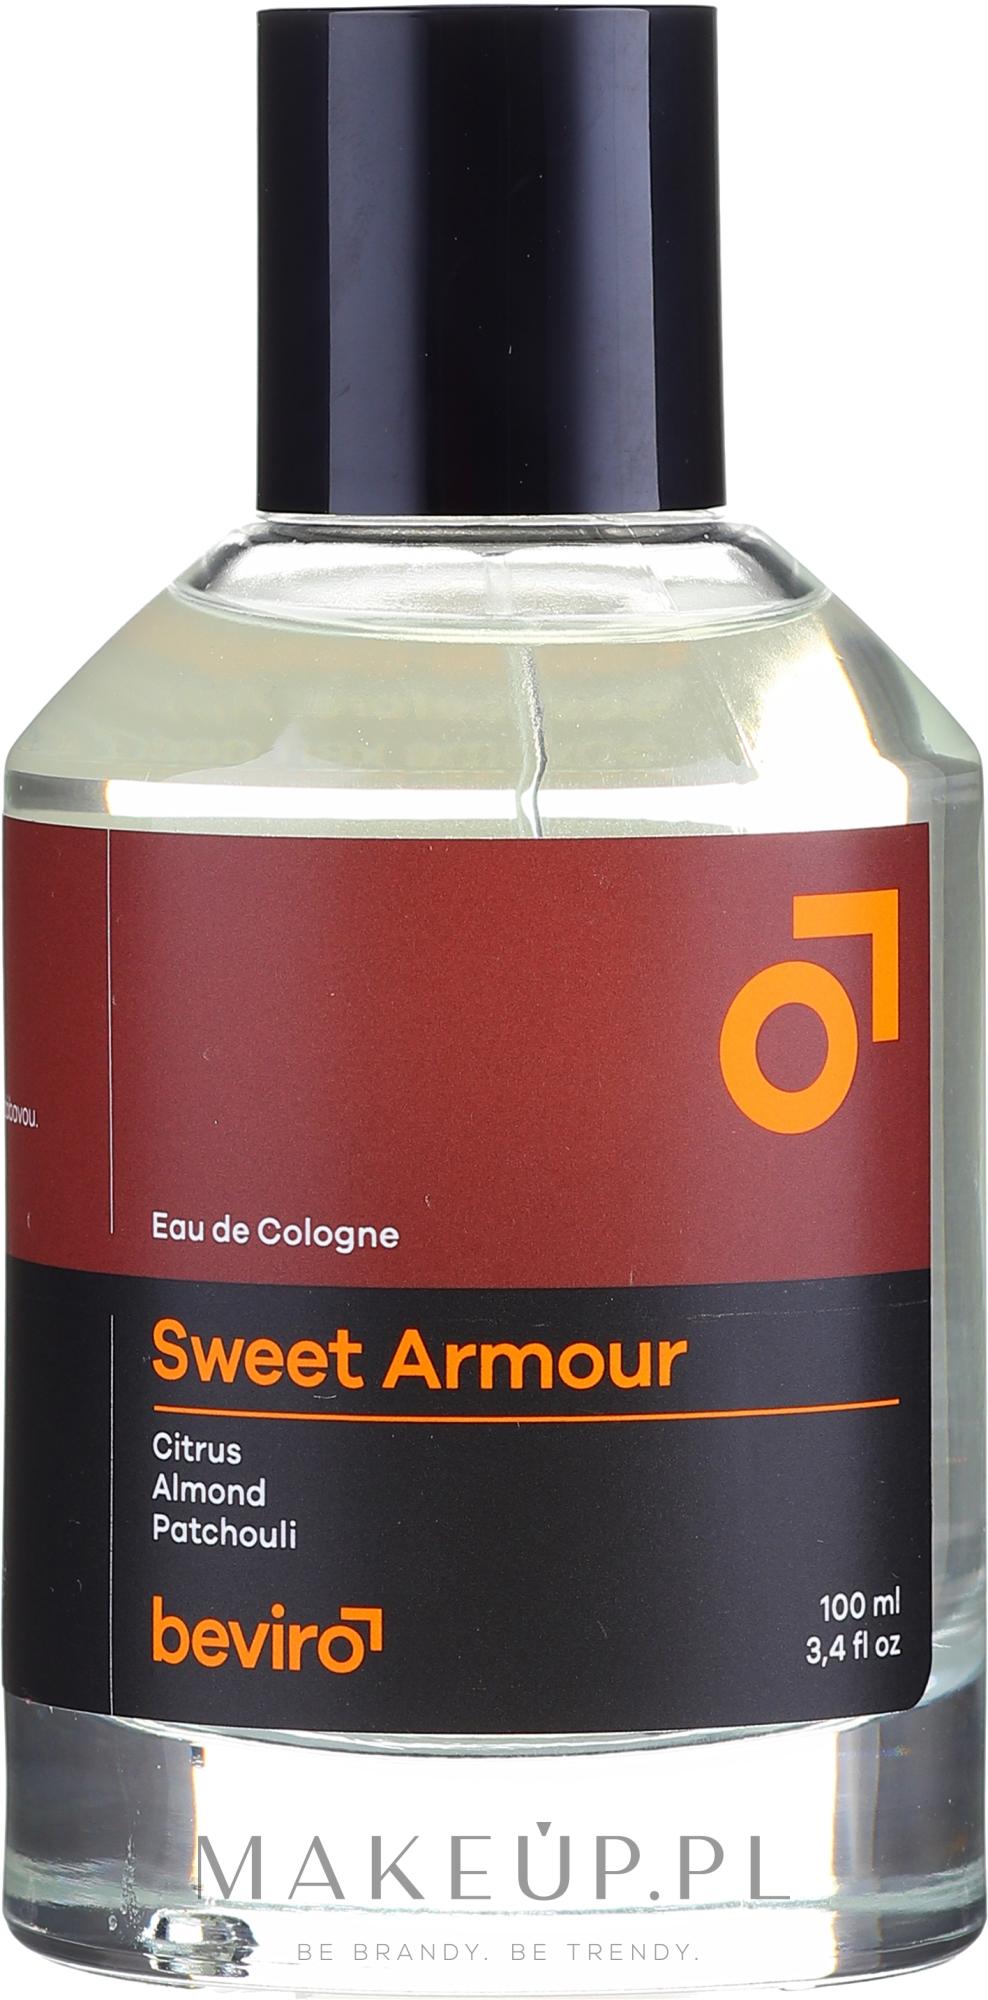 be-viro sweet armour